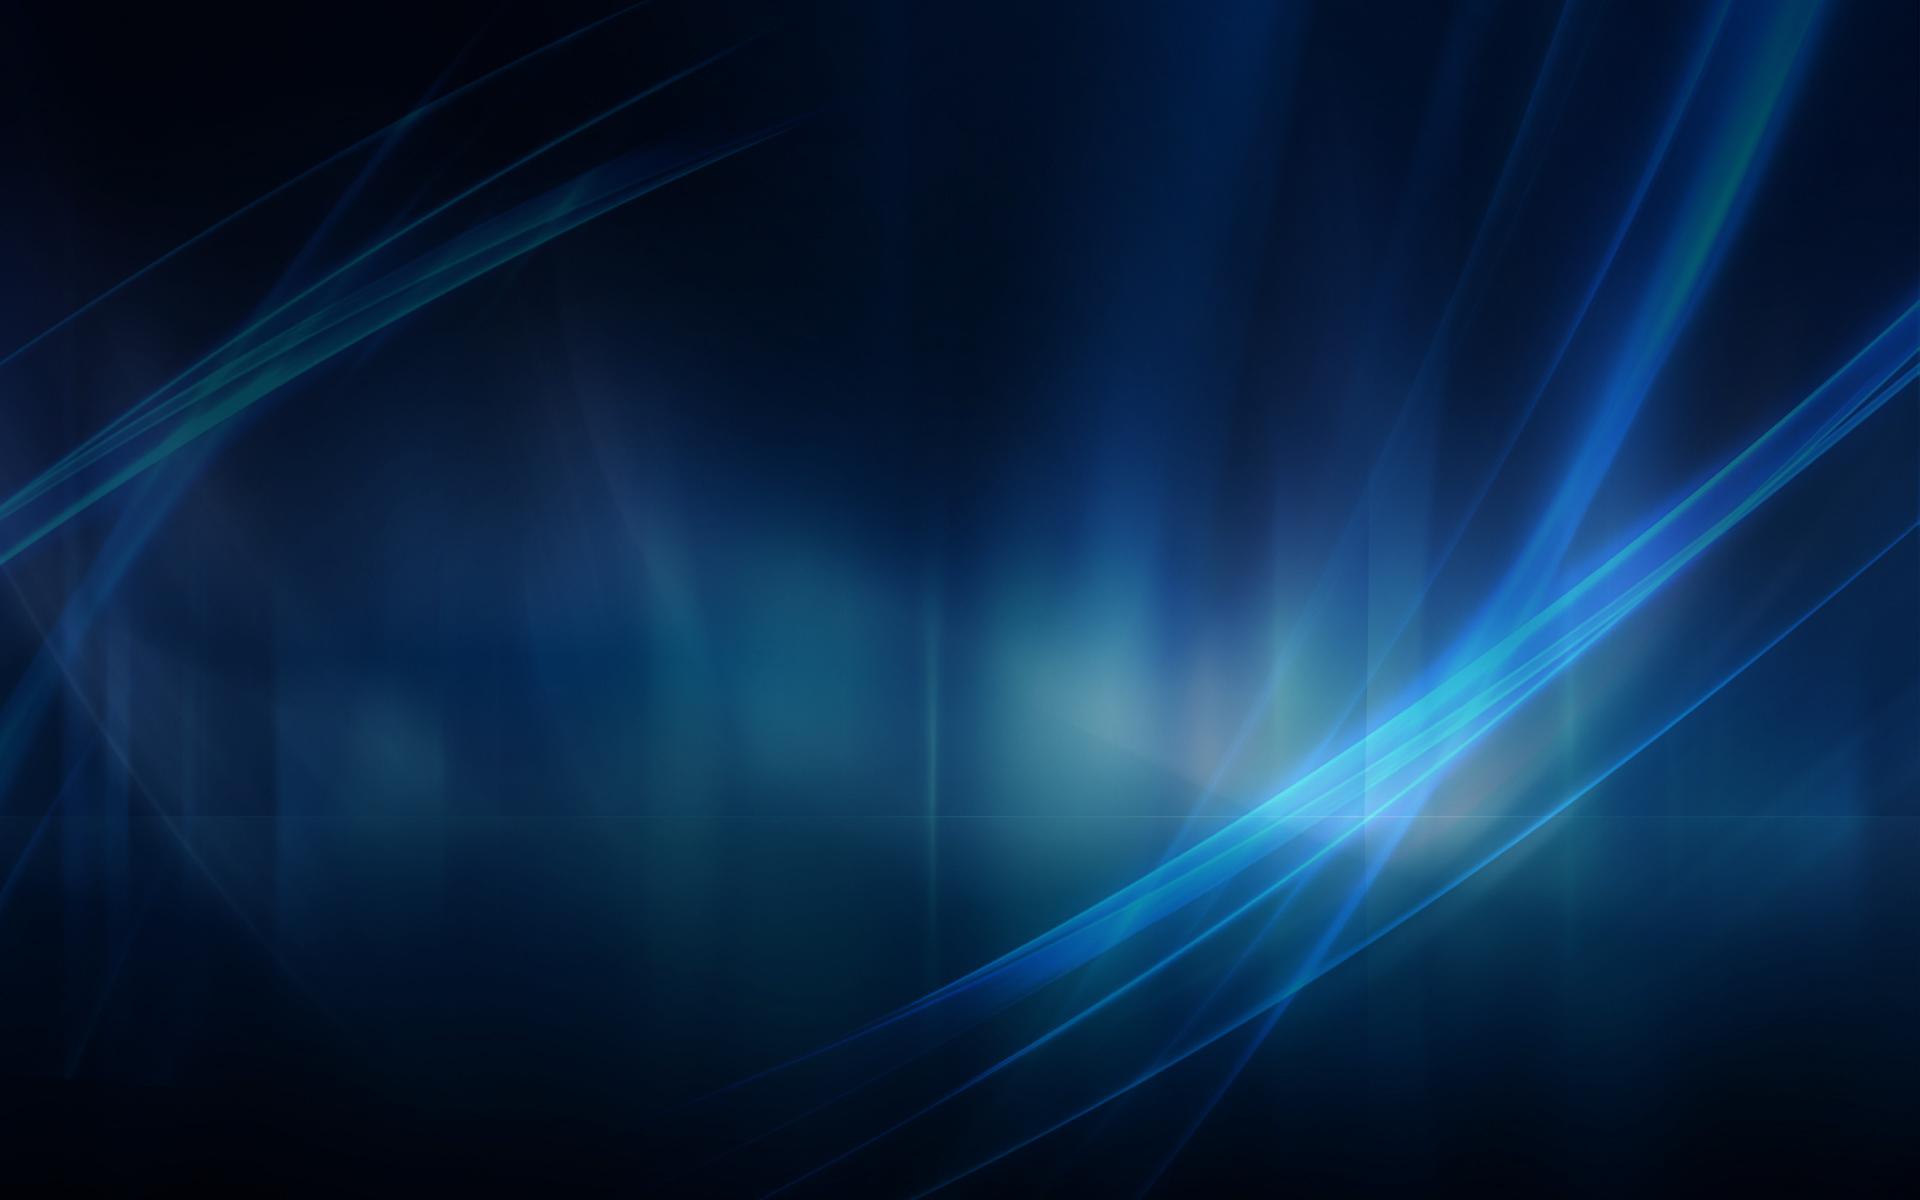 Vista Aurora Blue by Rakenesh